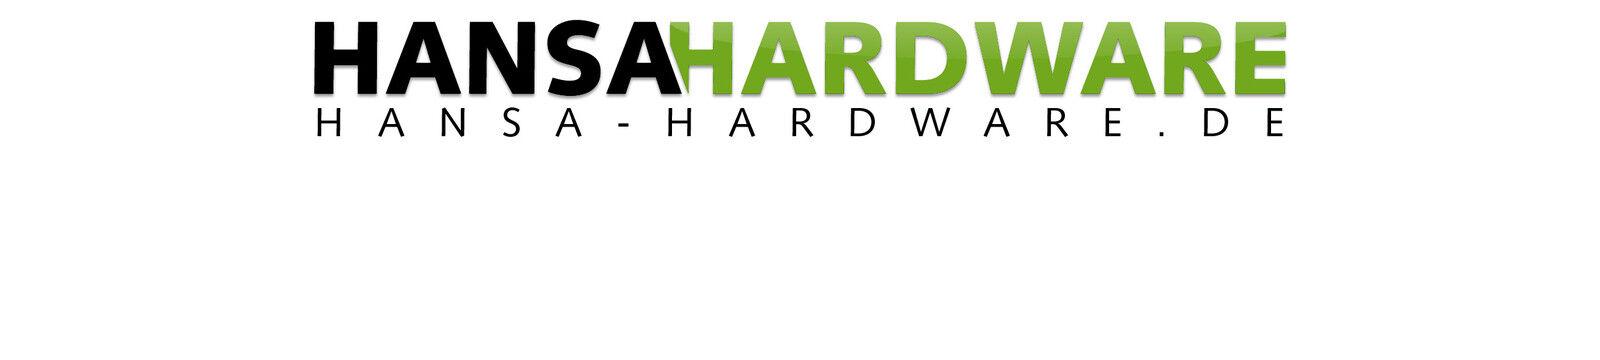 Hansa Hardware